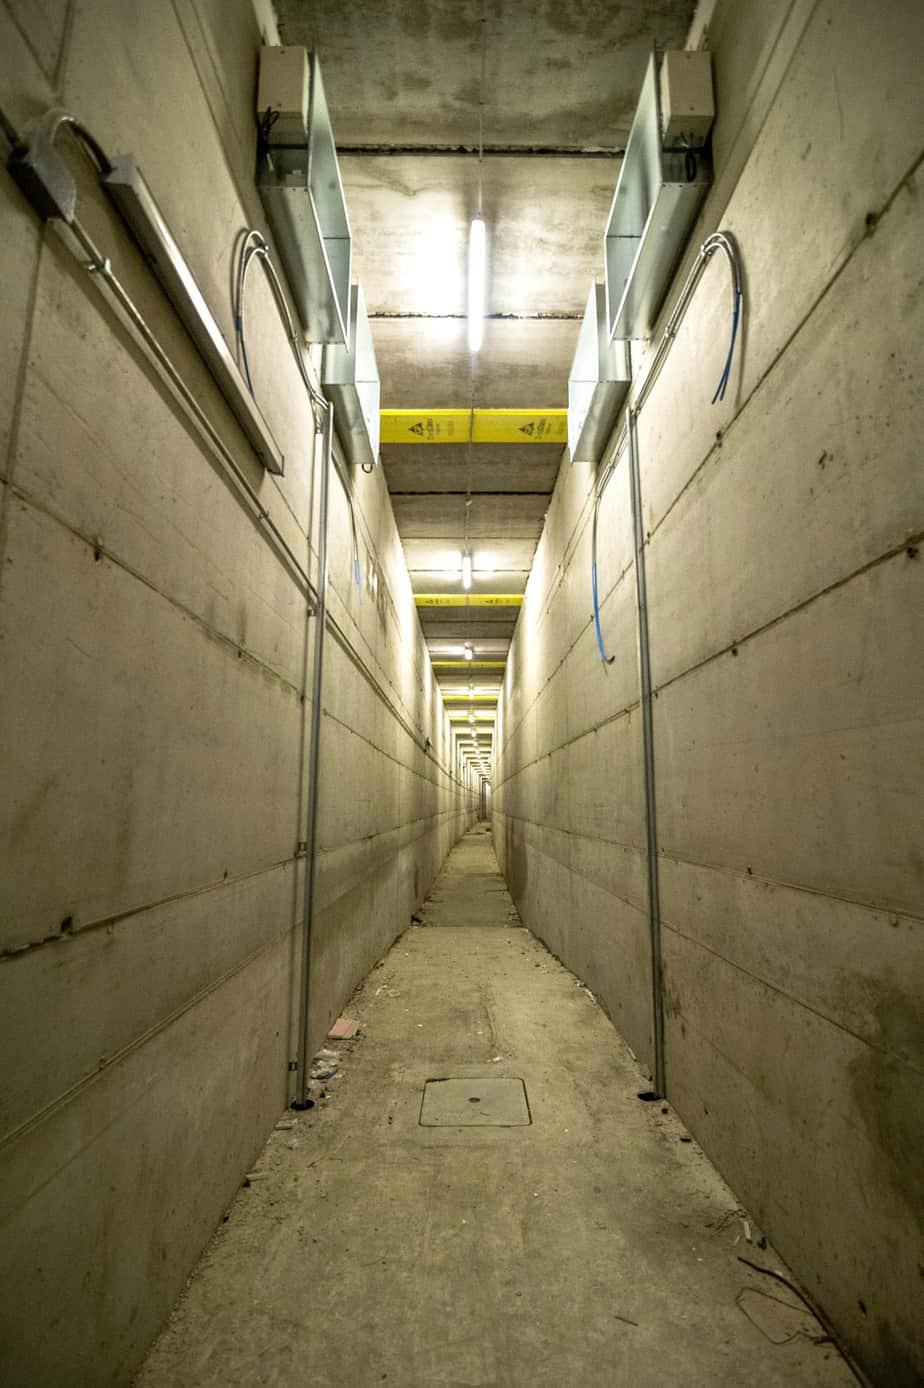 Il cunicolo di servizio largo 2,2 m tra le due canne della galleria come via di fuga in caso di emergenza